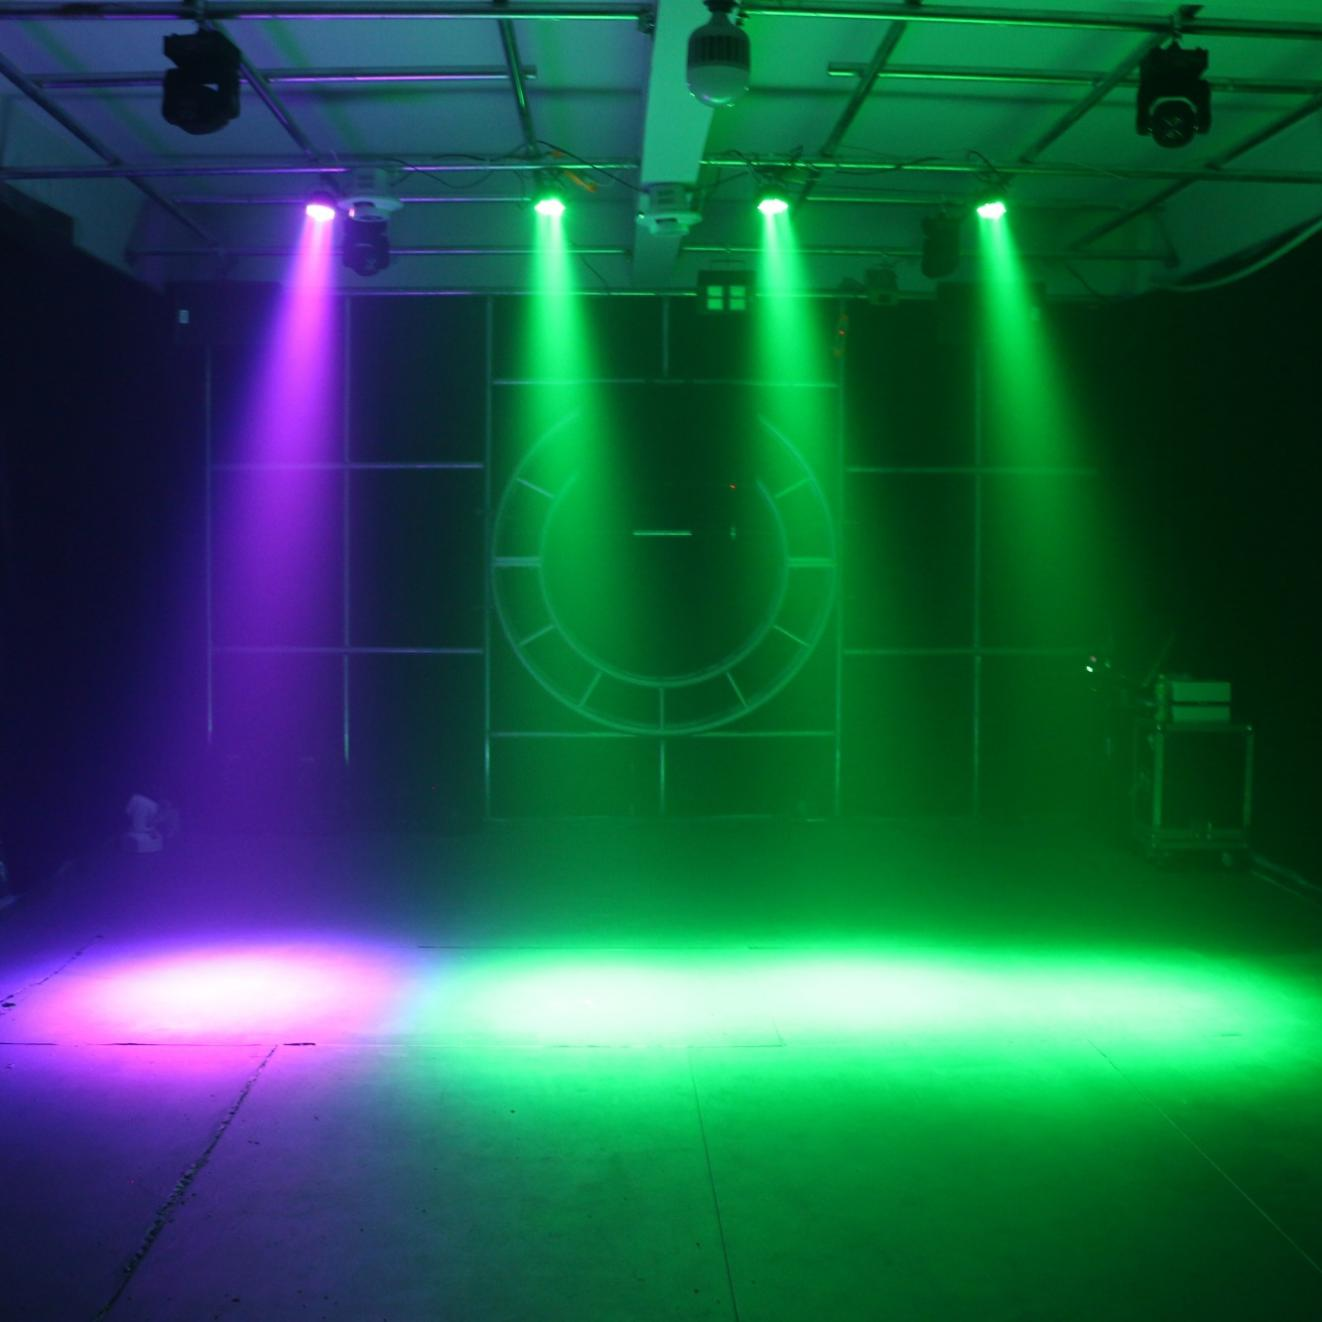 festa, bar, reunião familiar, ktv, luz do dj